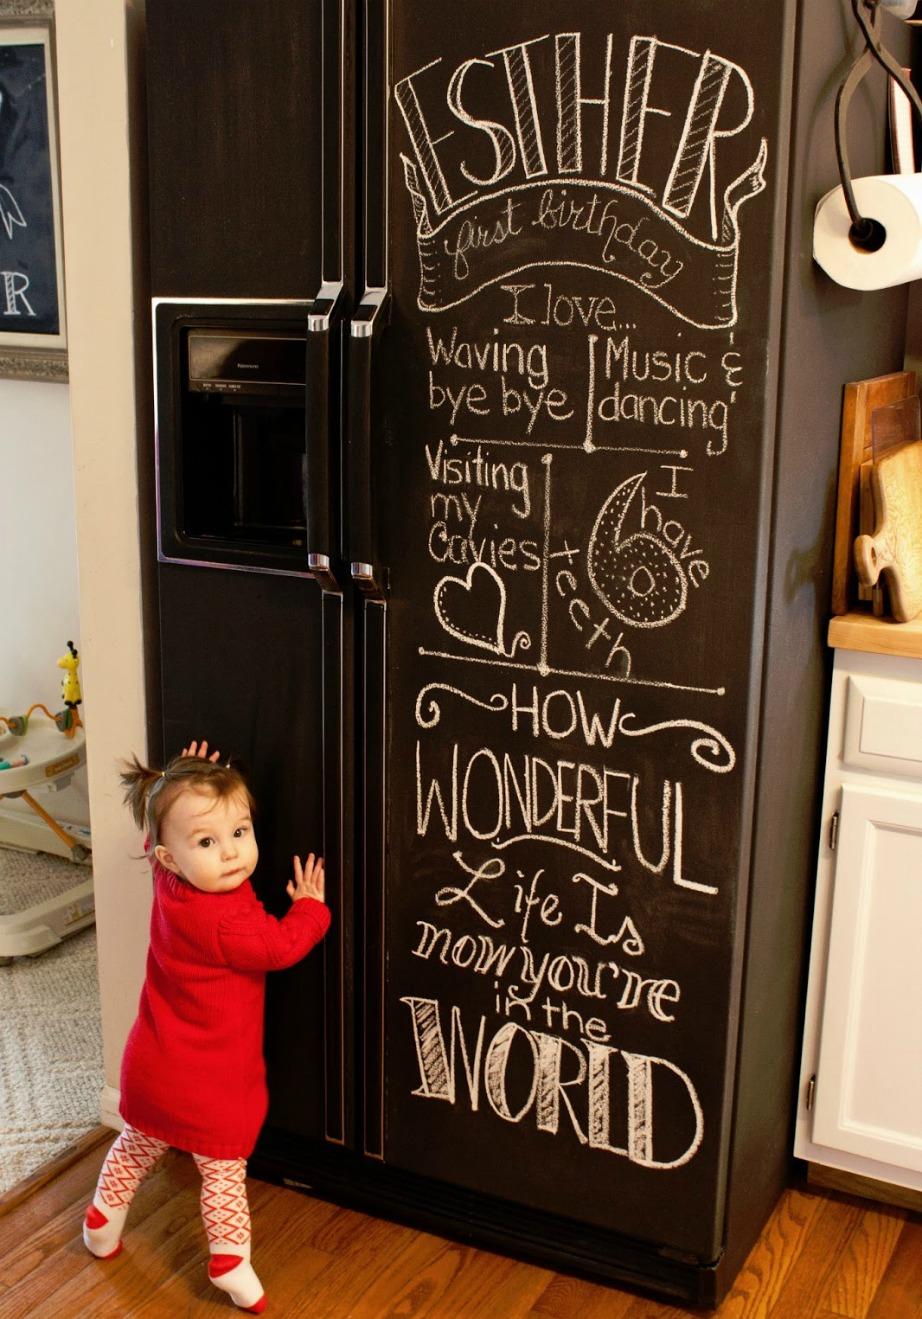 Βάψτε το ψυγείο σας με βαφή μαυροπίνακα.